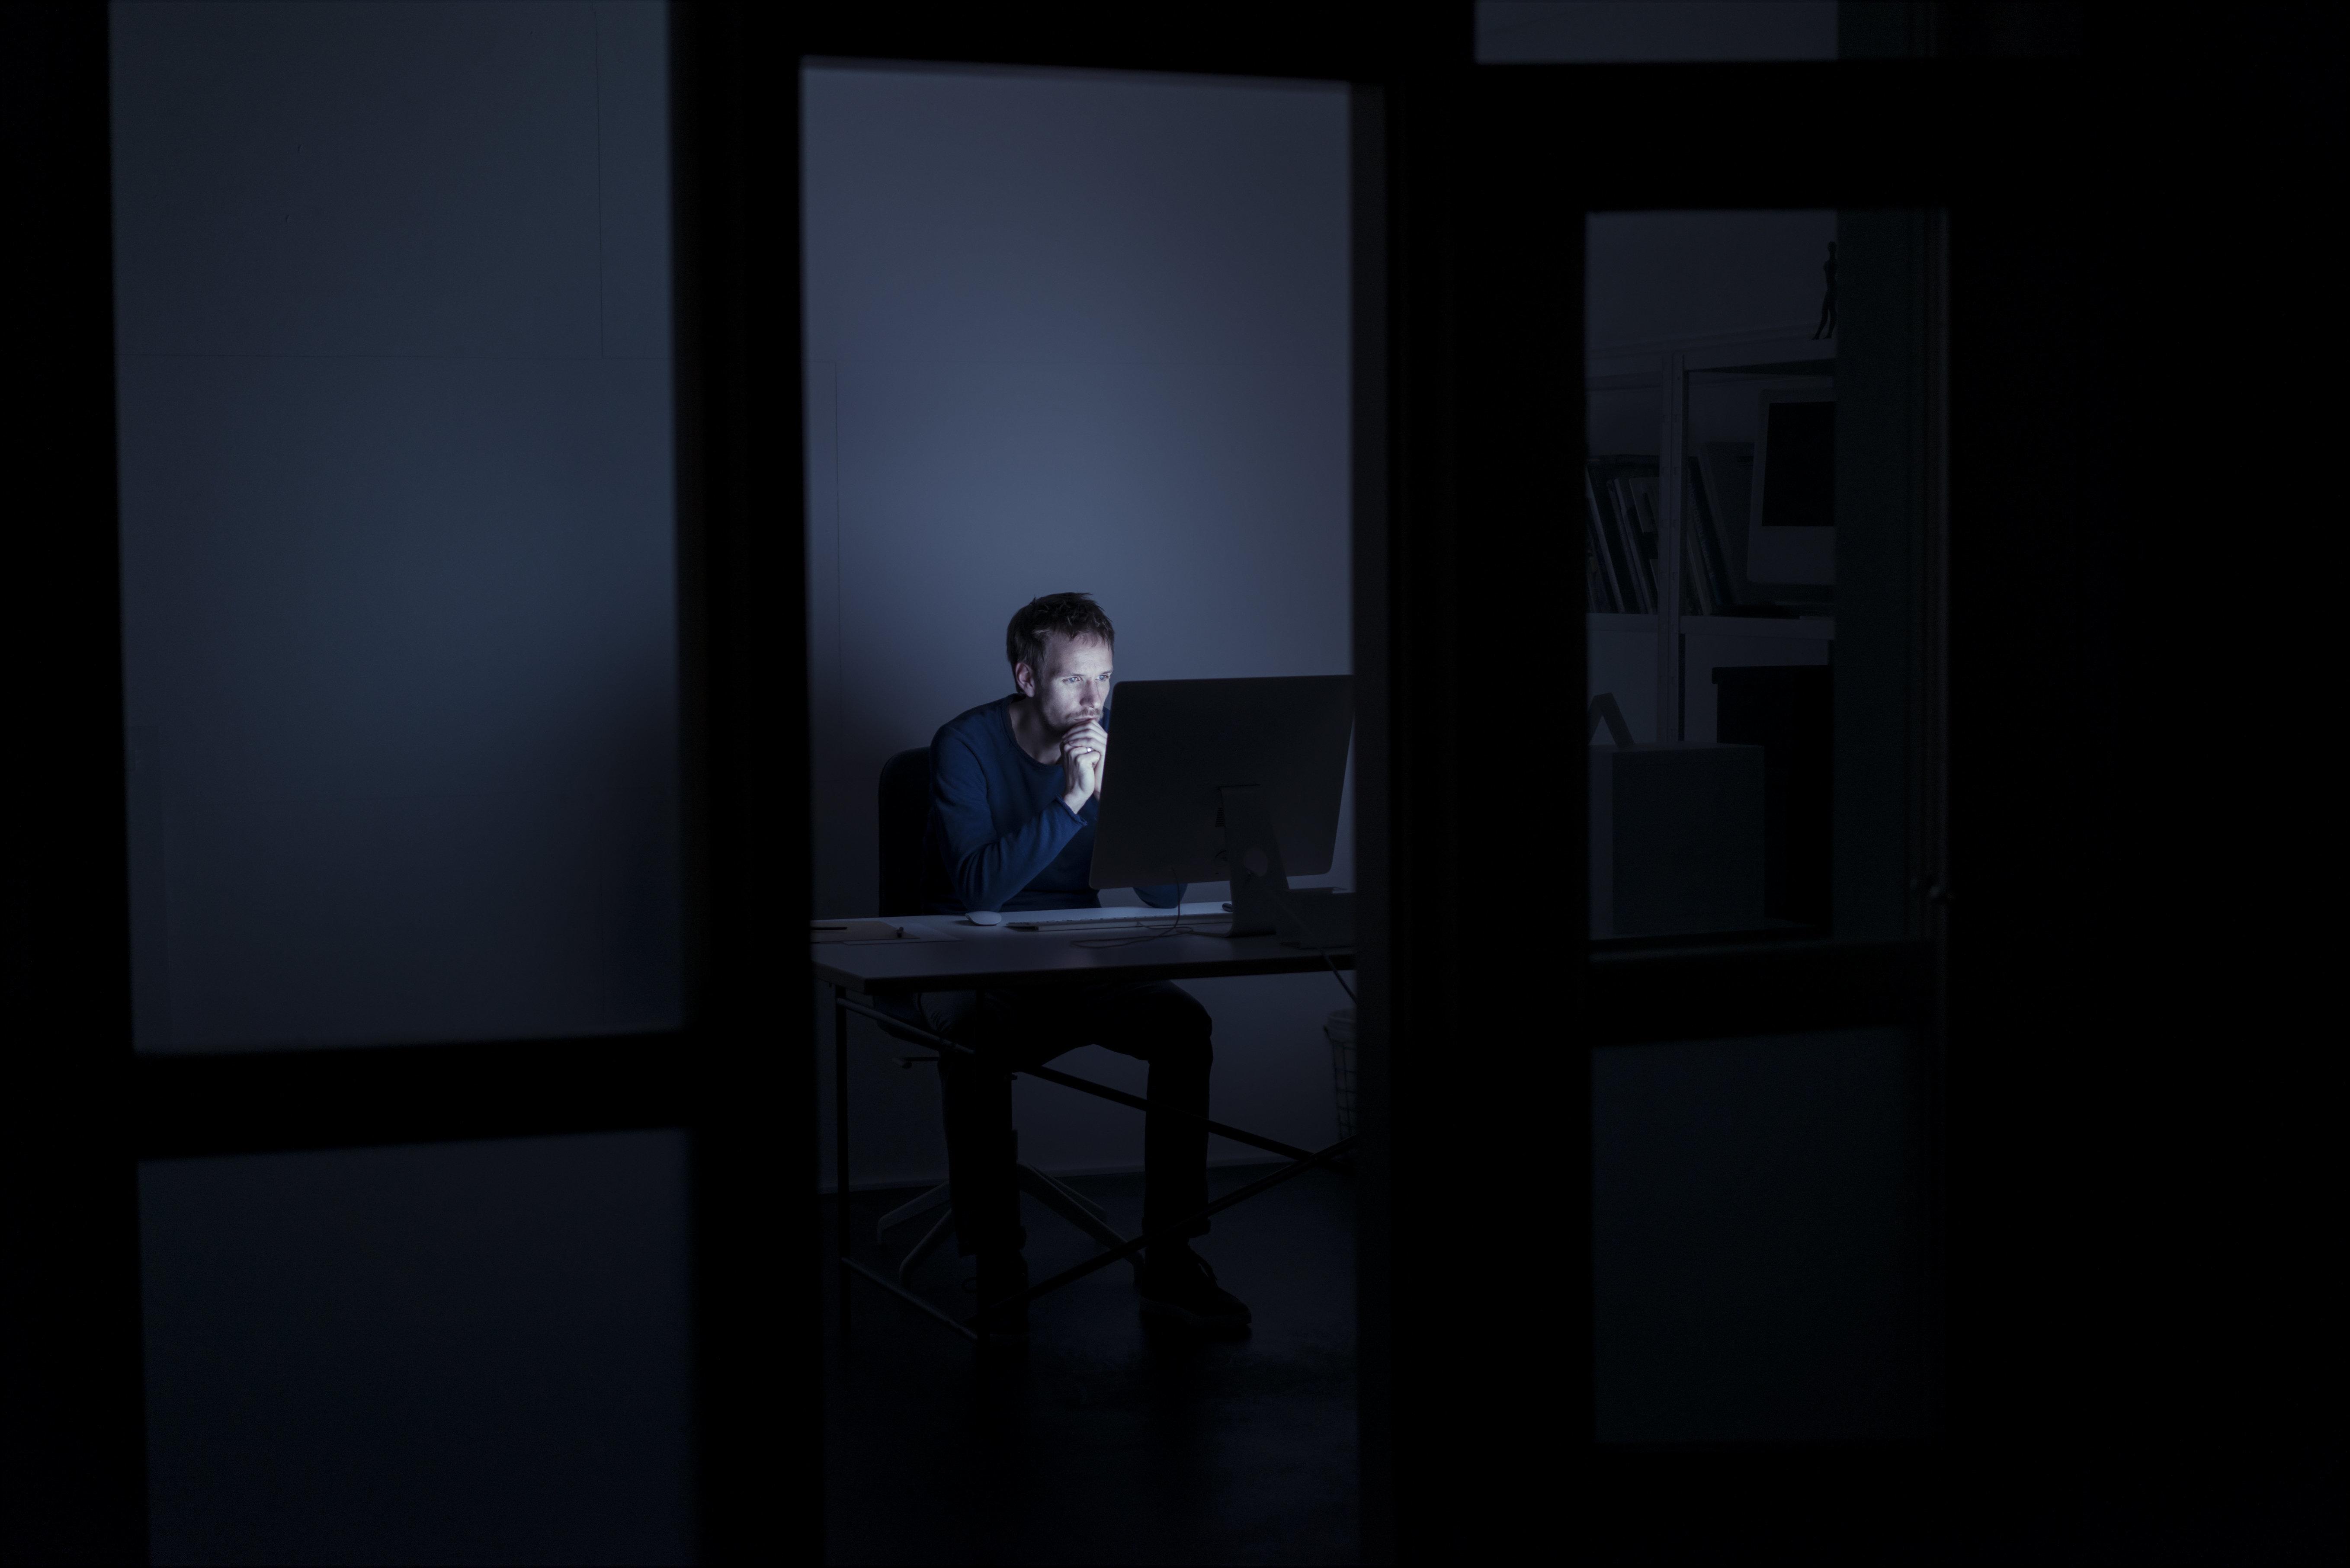 Immer mehr Menschen arbeiten am Wochenende, nachts oder in Schichten